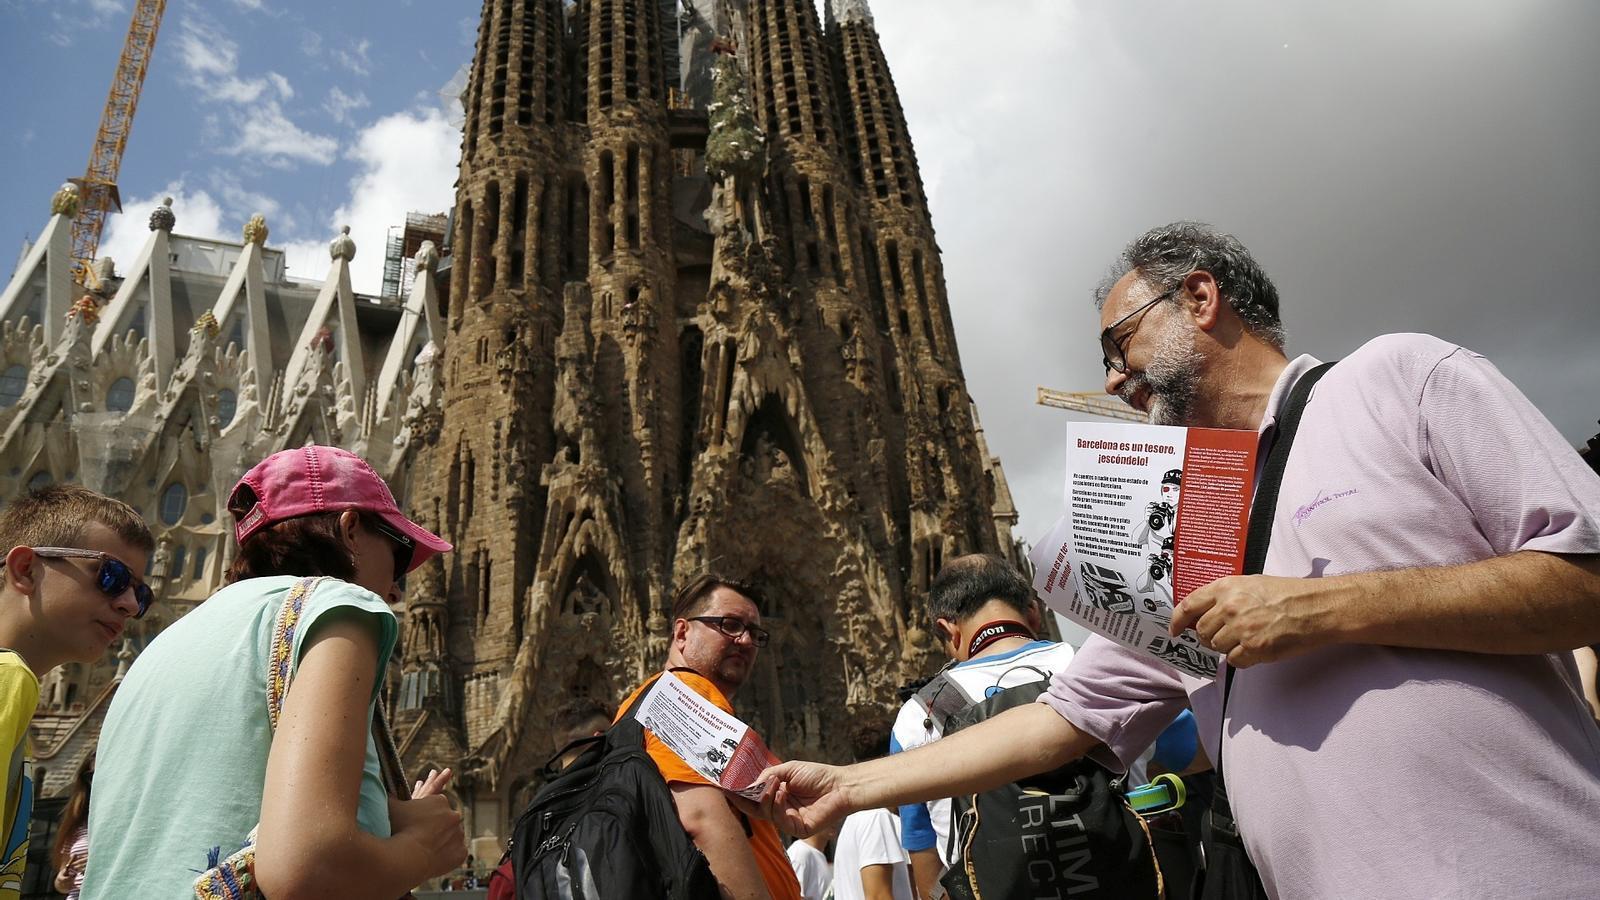 Membres de la FAVB reparteixen fulletons en contra la massificació turística davant de la Sagrada Família